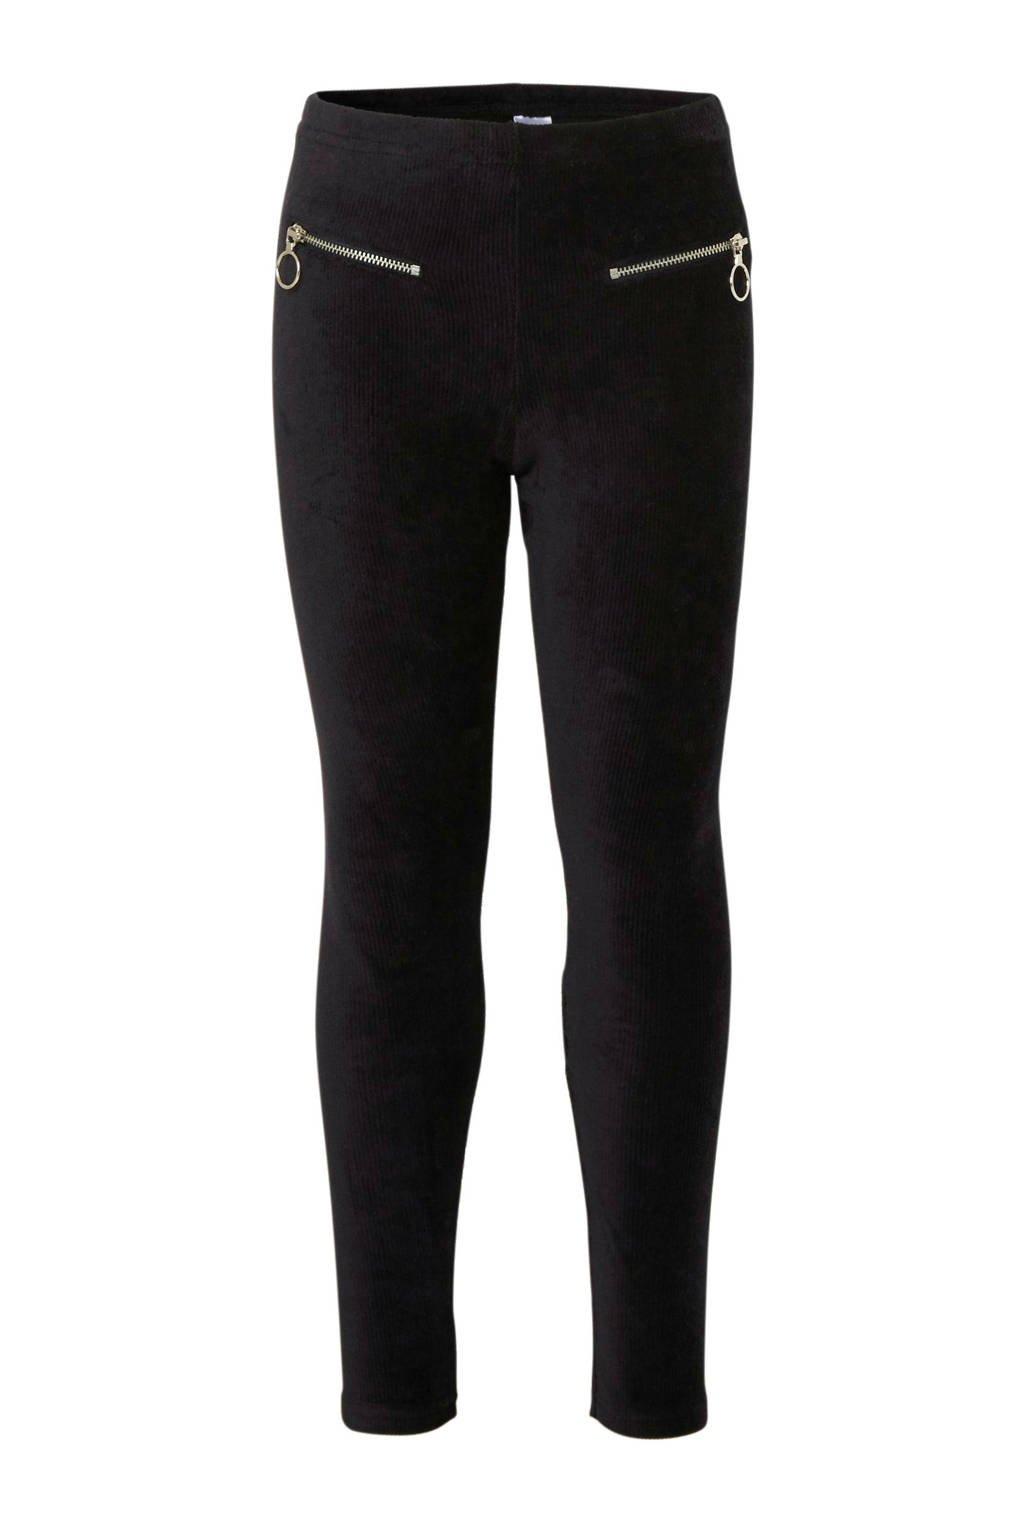 C&A Here & There fluwelen legging zwart, Zwart